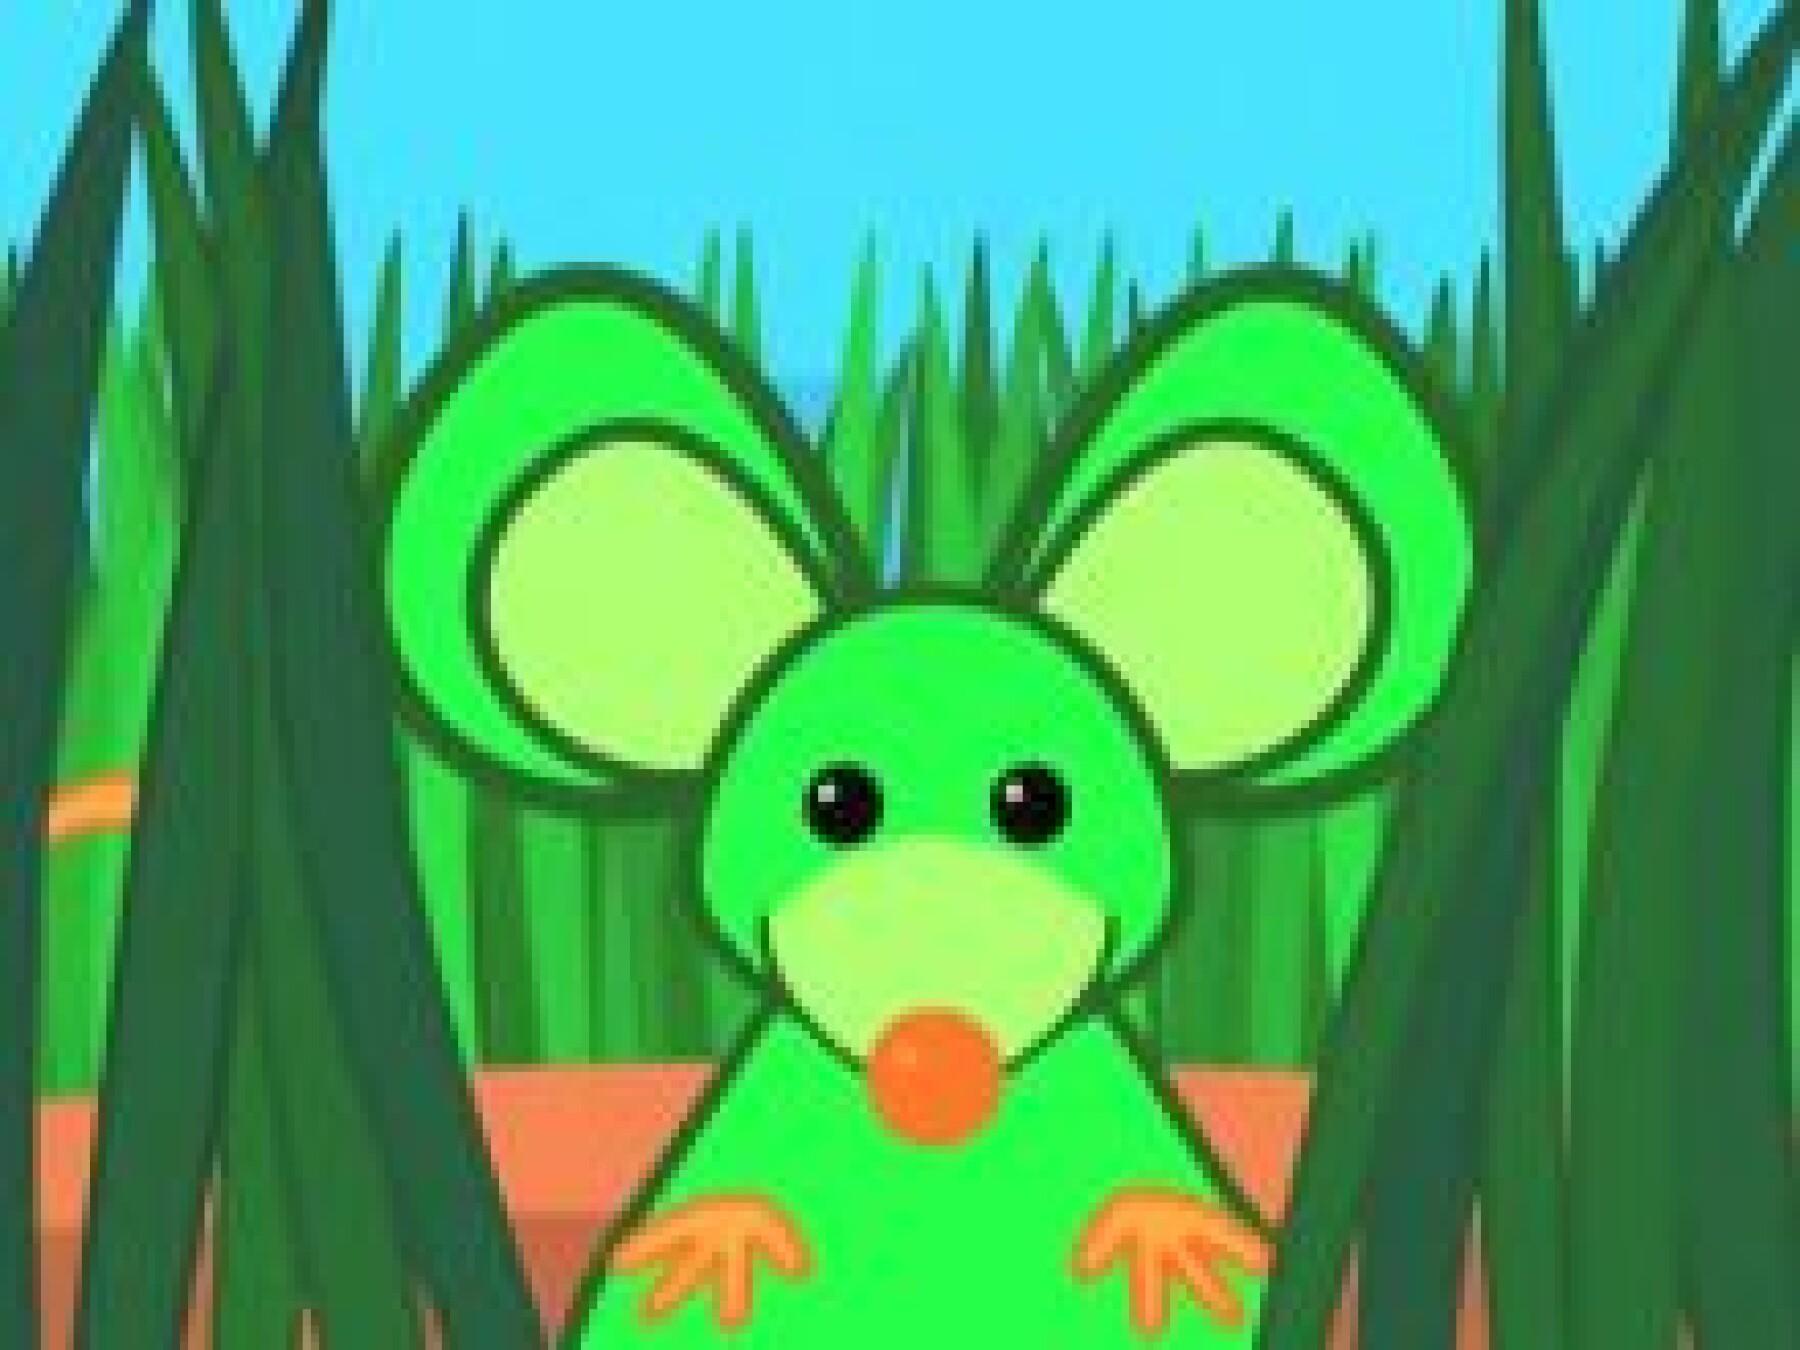 vidéo une souris verte